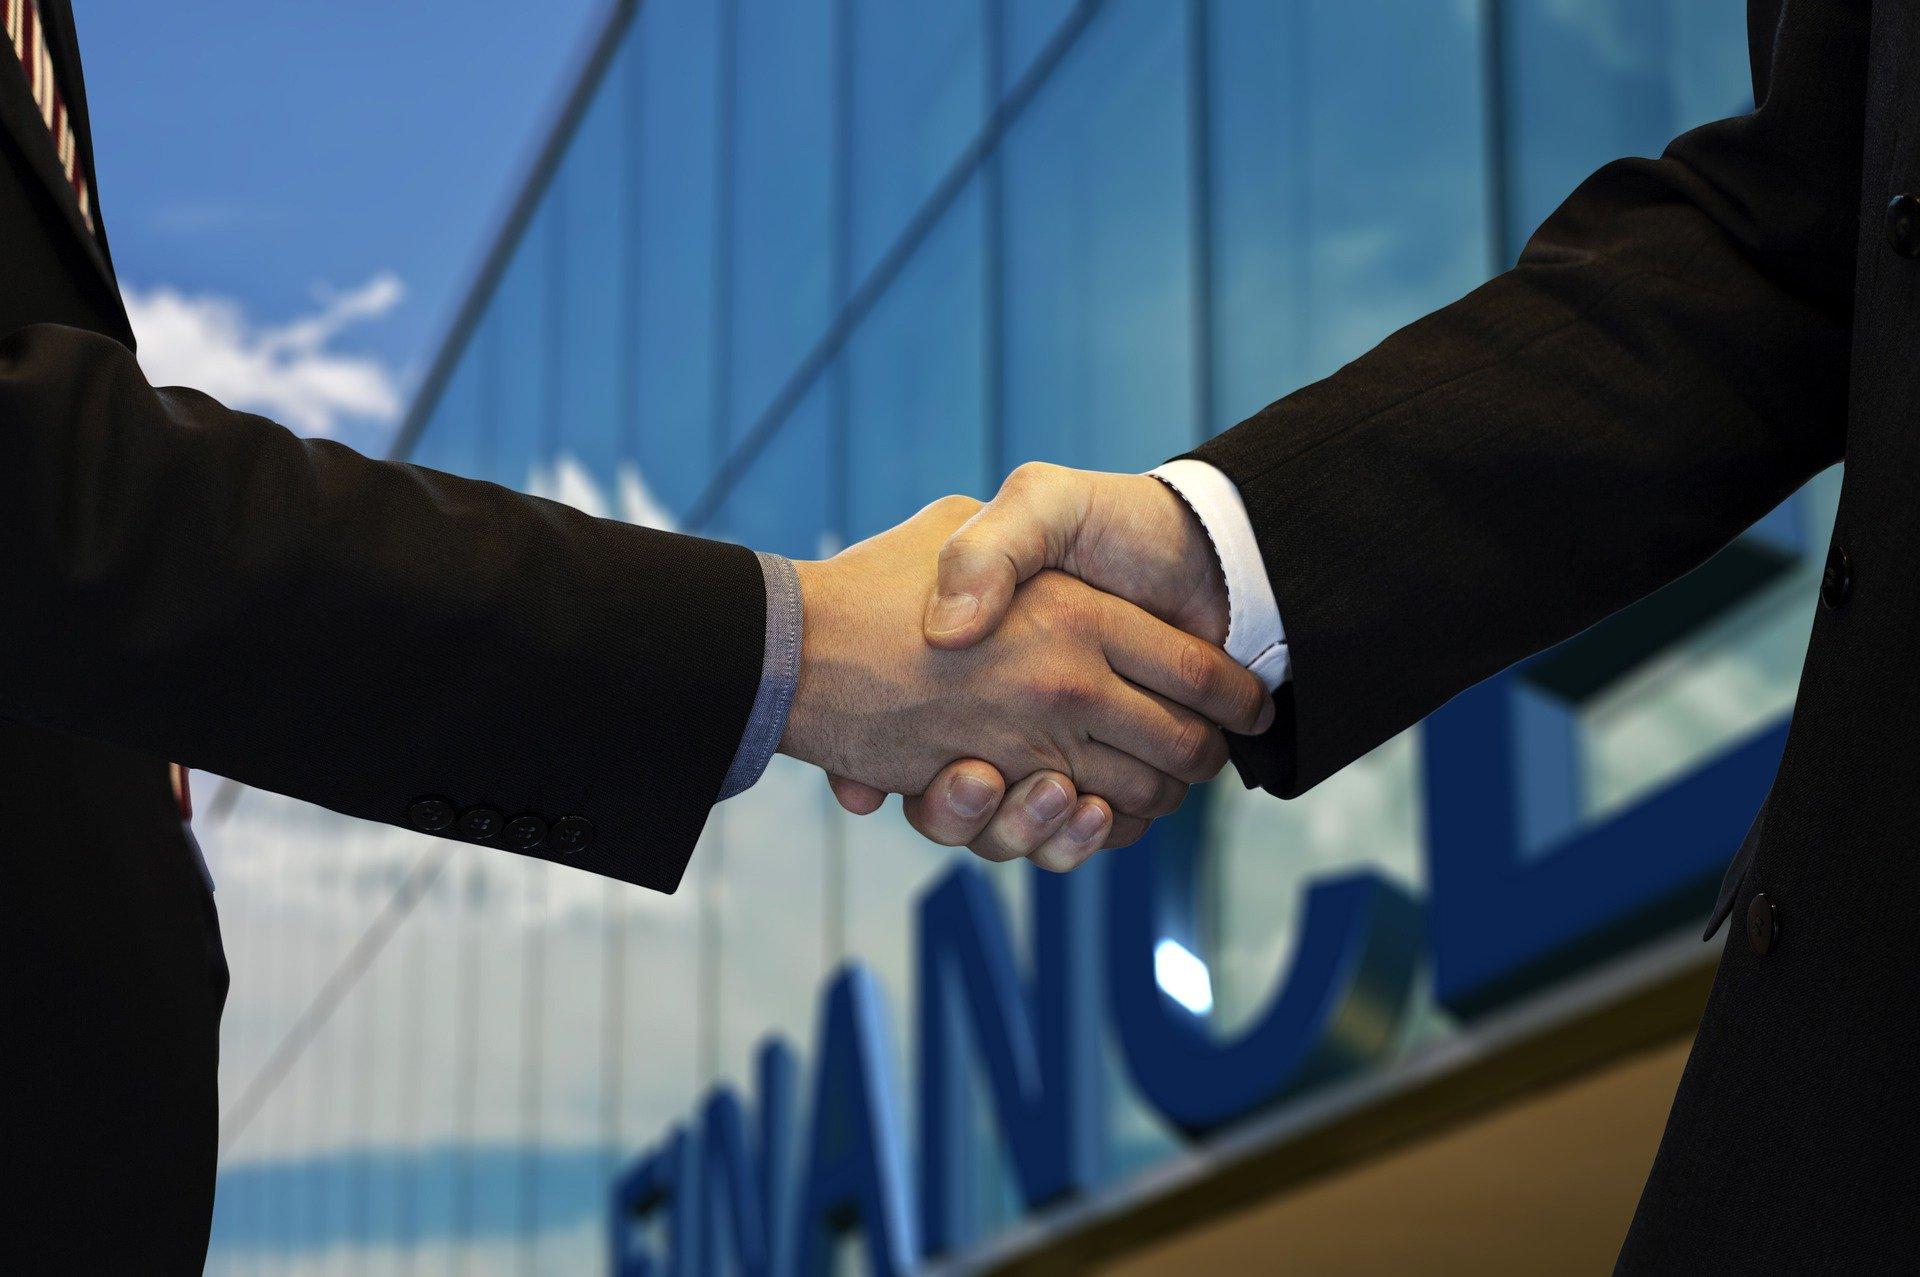 Zwei Hände mit Anzugärmel geben sich einen Begrüßungs Handschlag